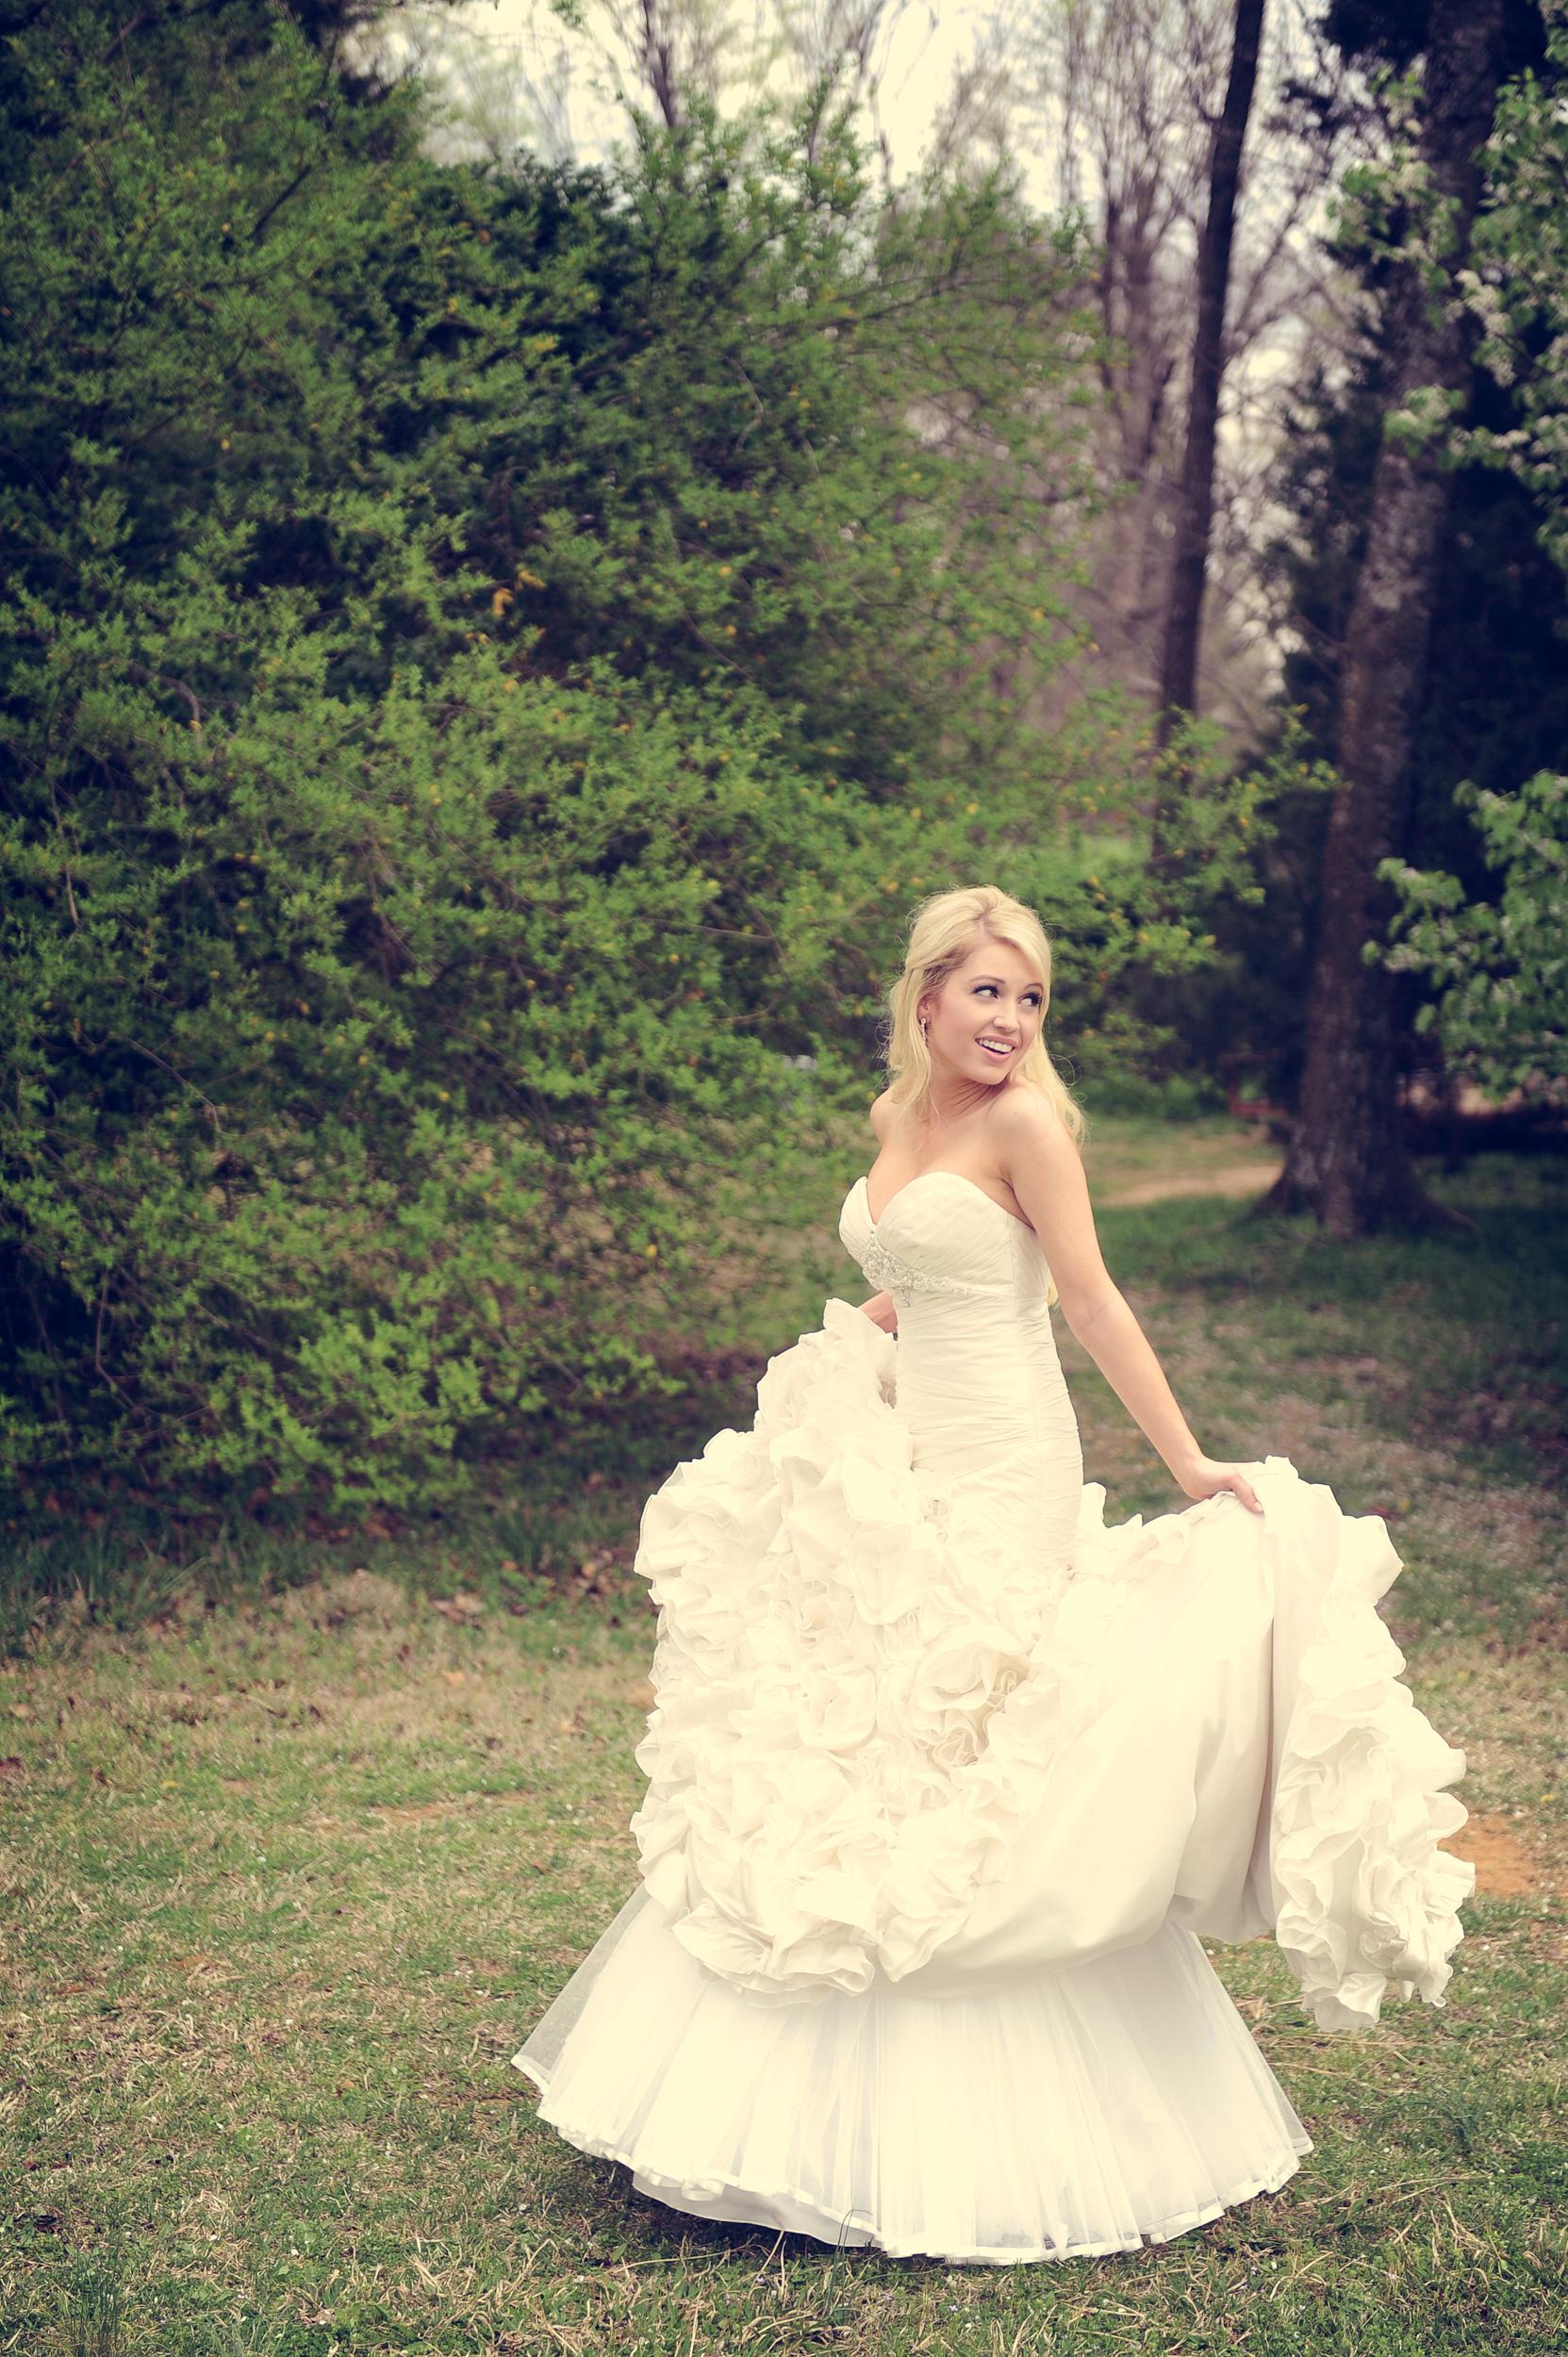 bridals©2015mileswittboyer-9.jpg